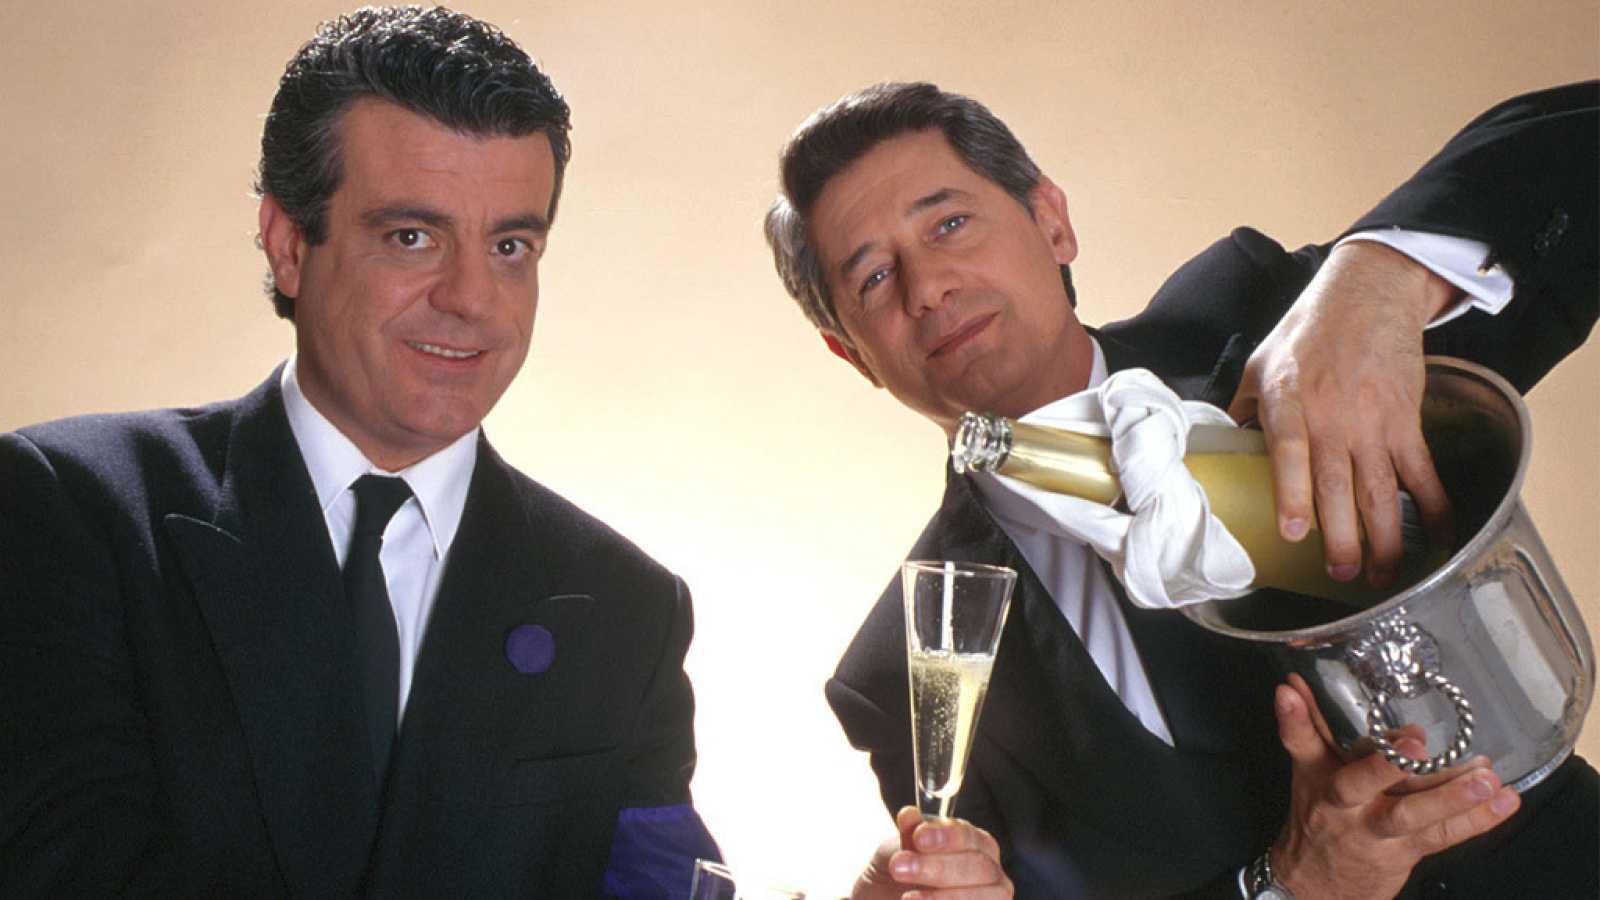 Millán Salcedo y Josema Yuste, integrantes del dúo humorístico Martes y Trece, brindan con champán.